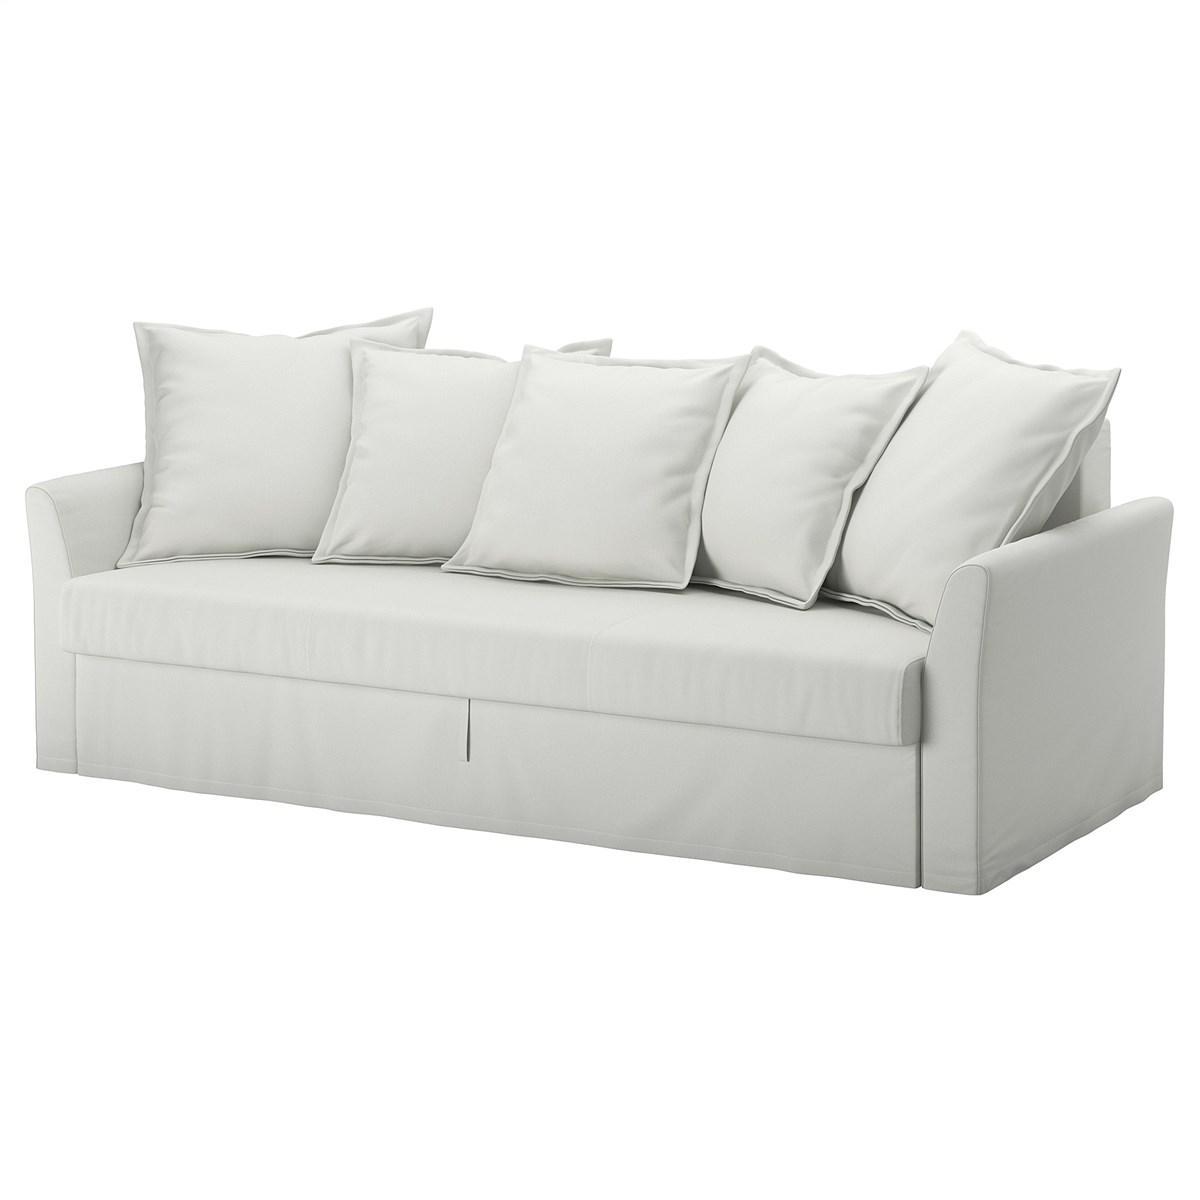 трехместный диван кровать Ikea Holmsund светло серый 89240761